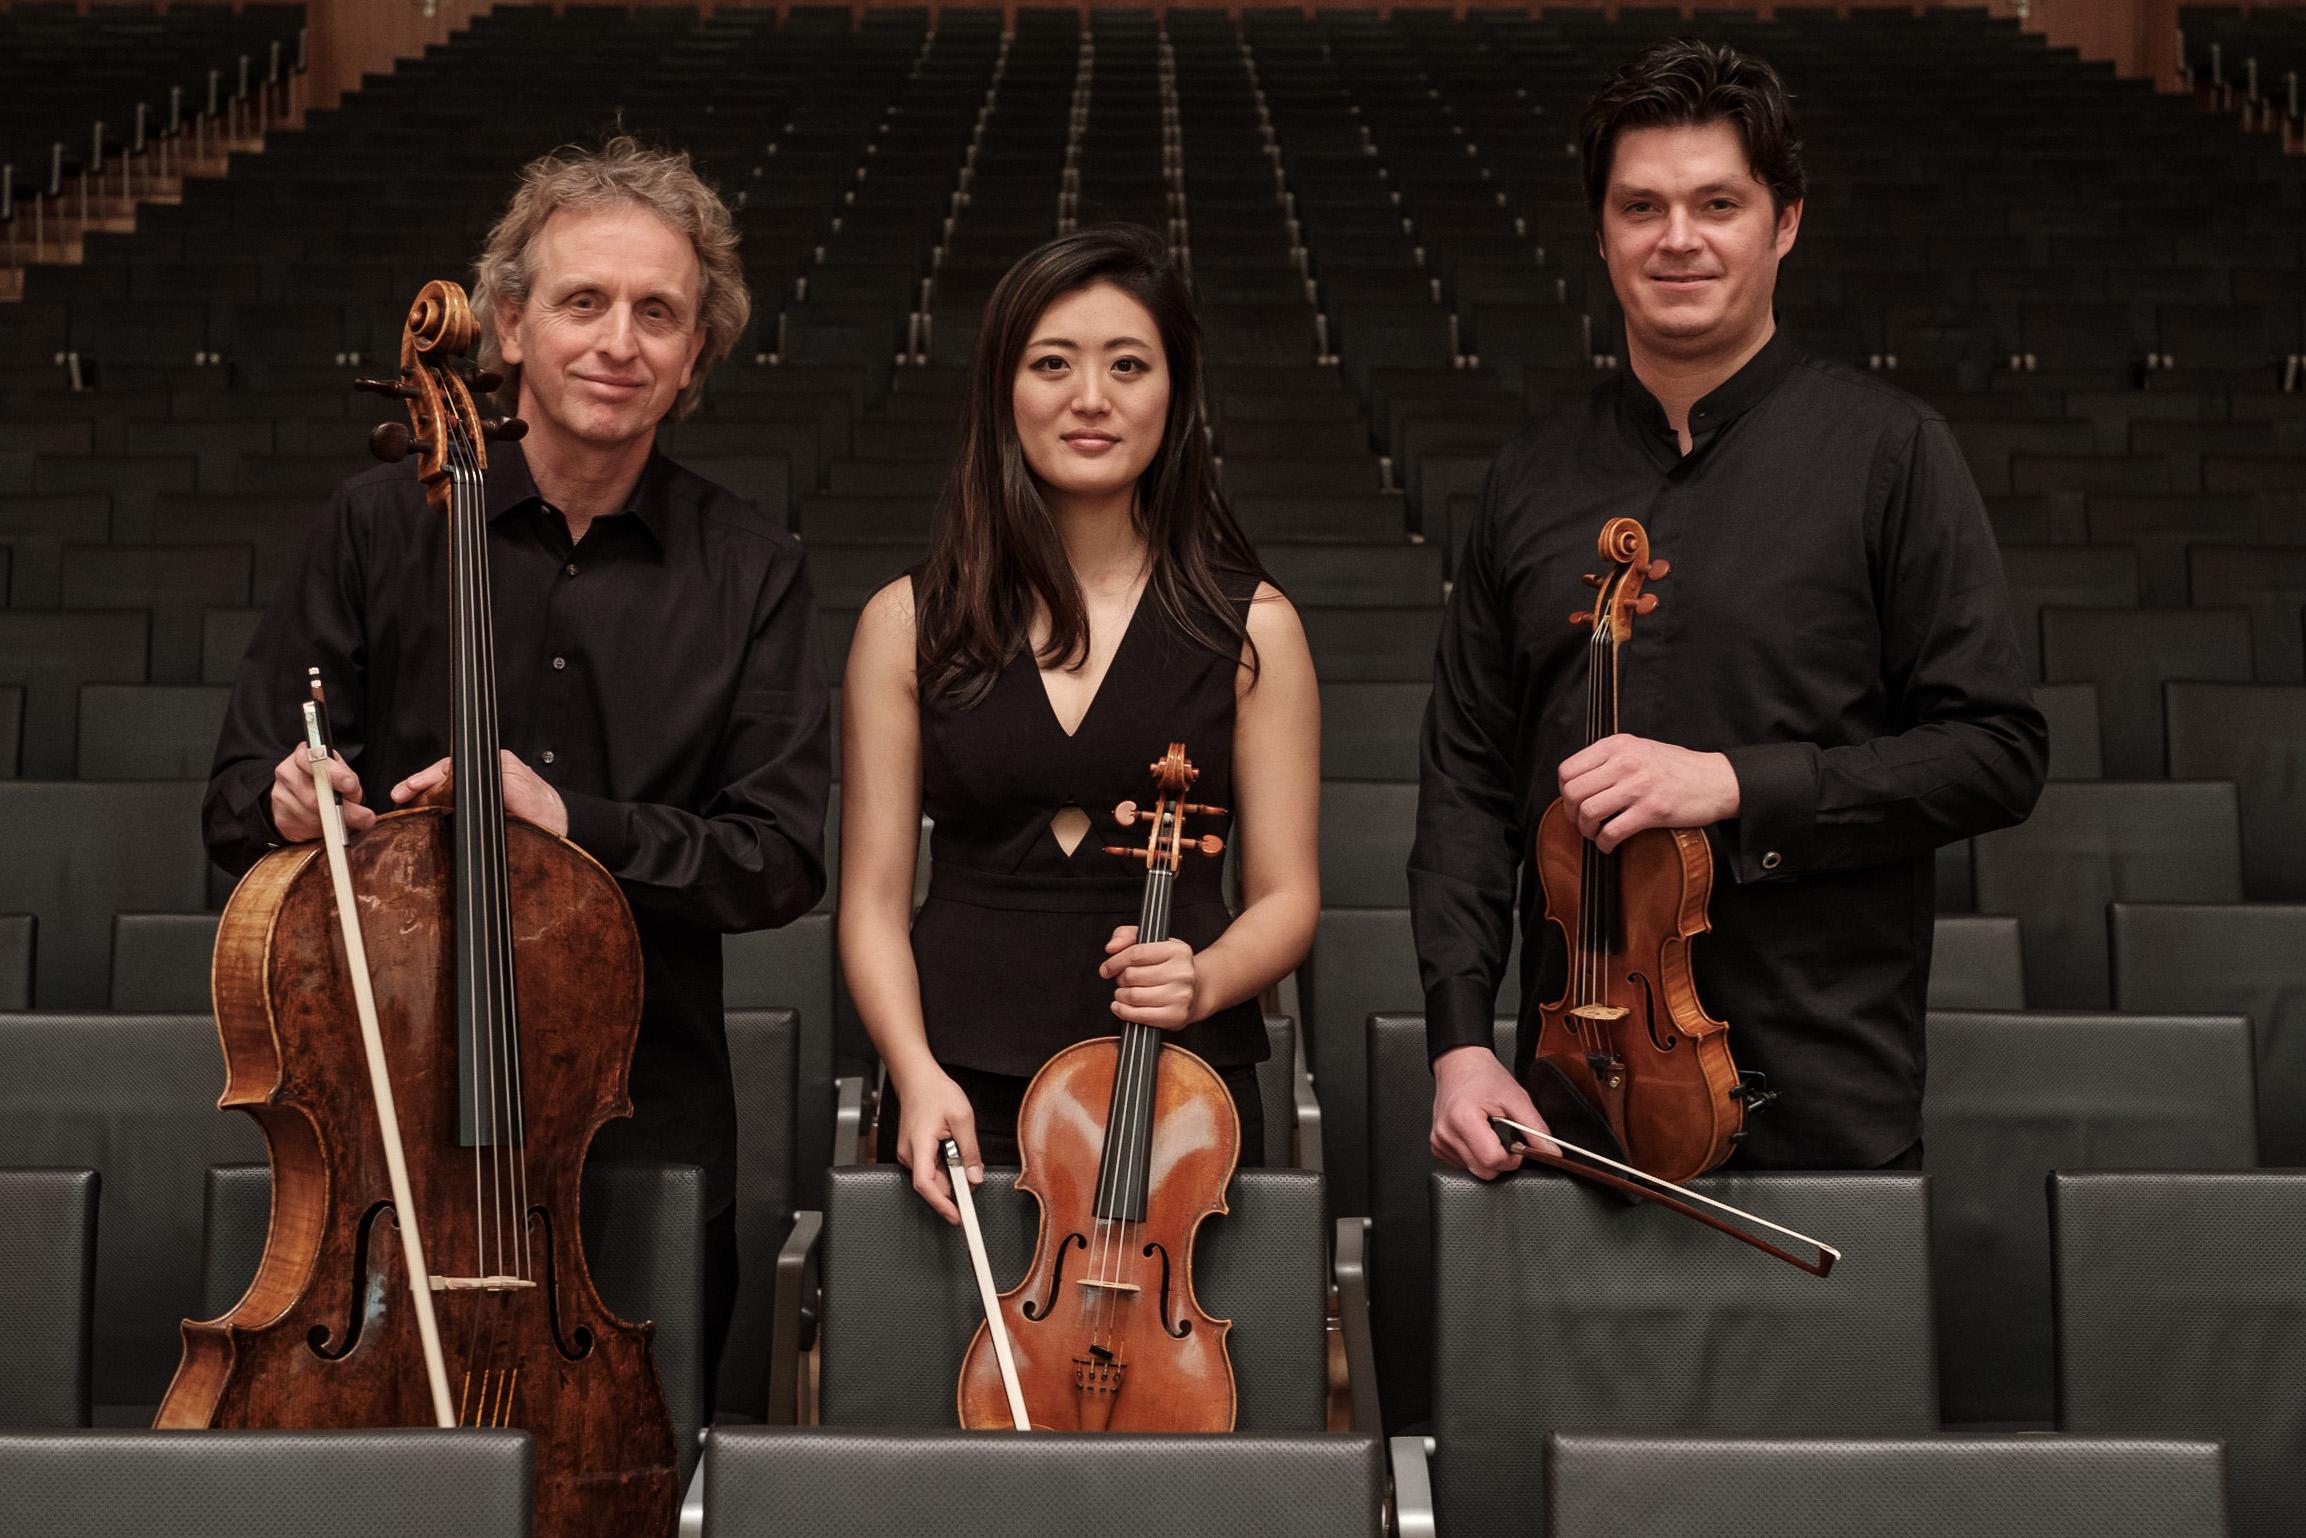 Sonos Trio Streichtrio Kammermusik Duisburger Philharmoniker Matthias Bruns, Coaching, Probespiel, Probespielvorbereitung, Theater Duisburg, Musik, Klassik, Trio, Chambermusic